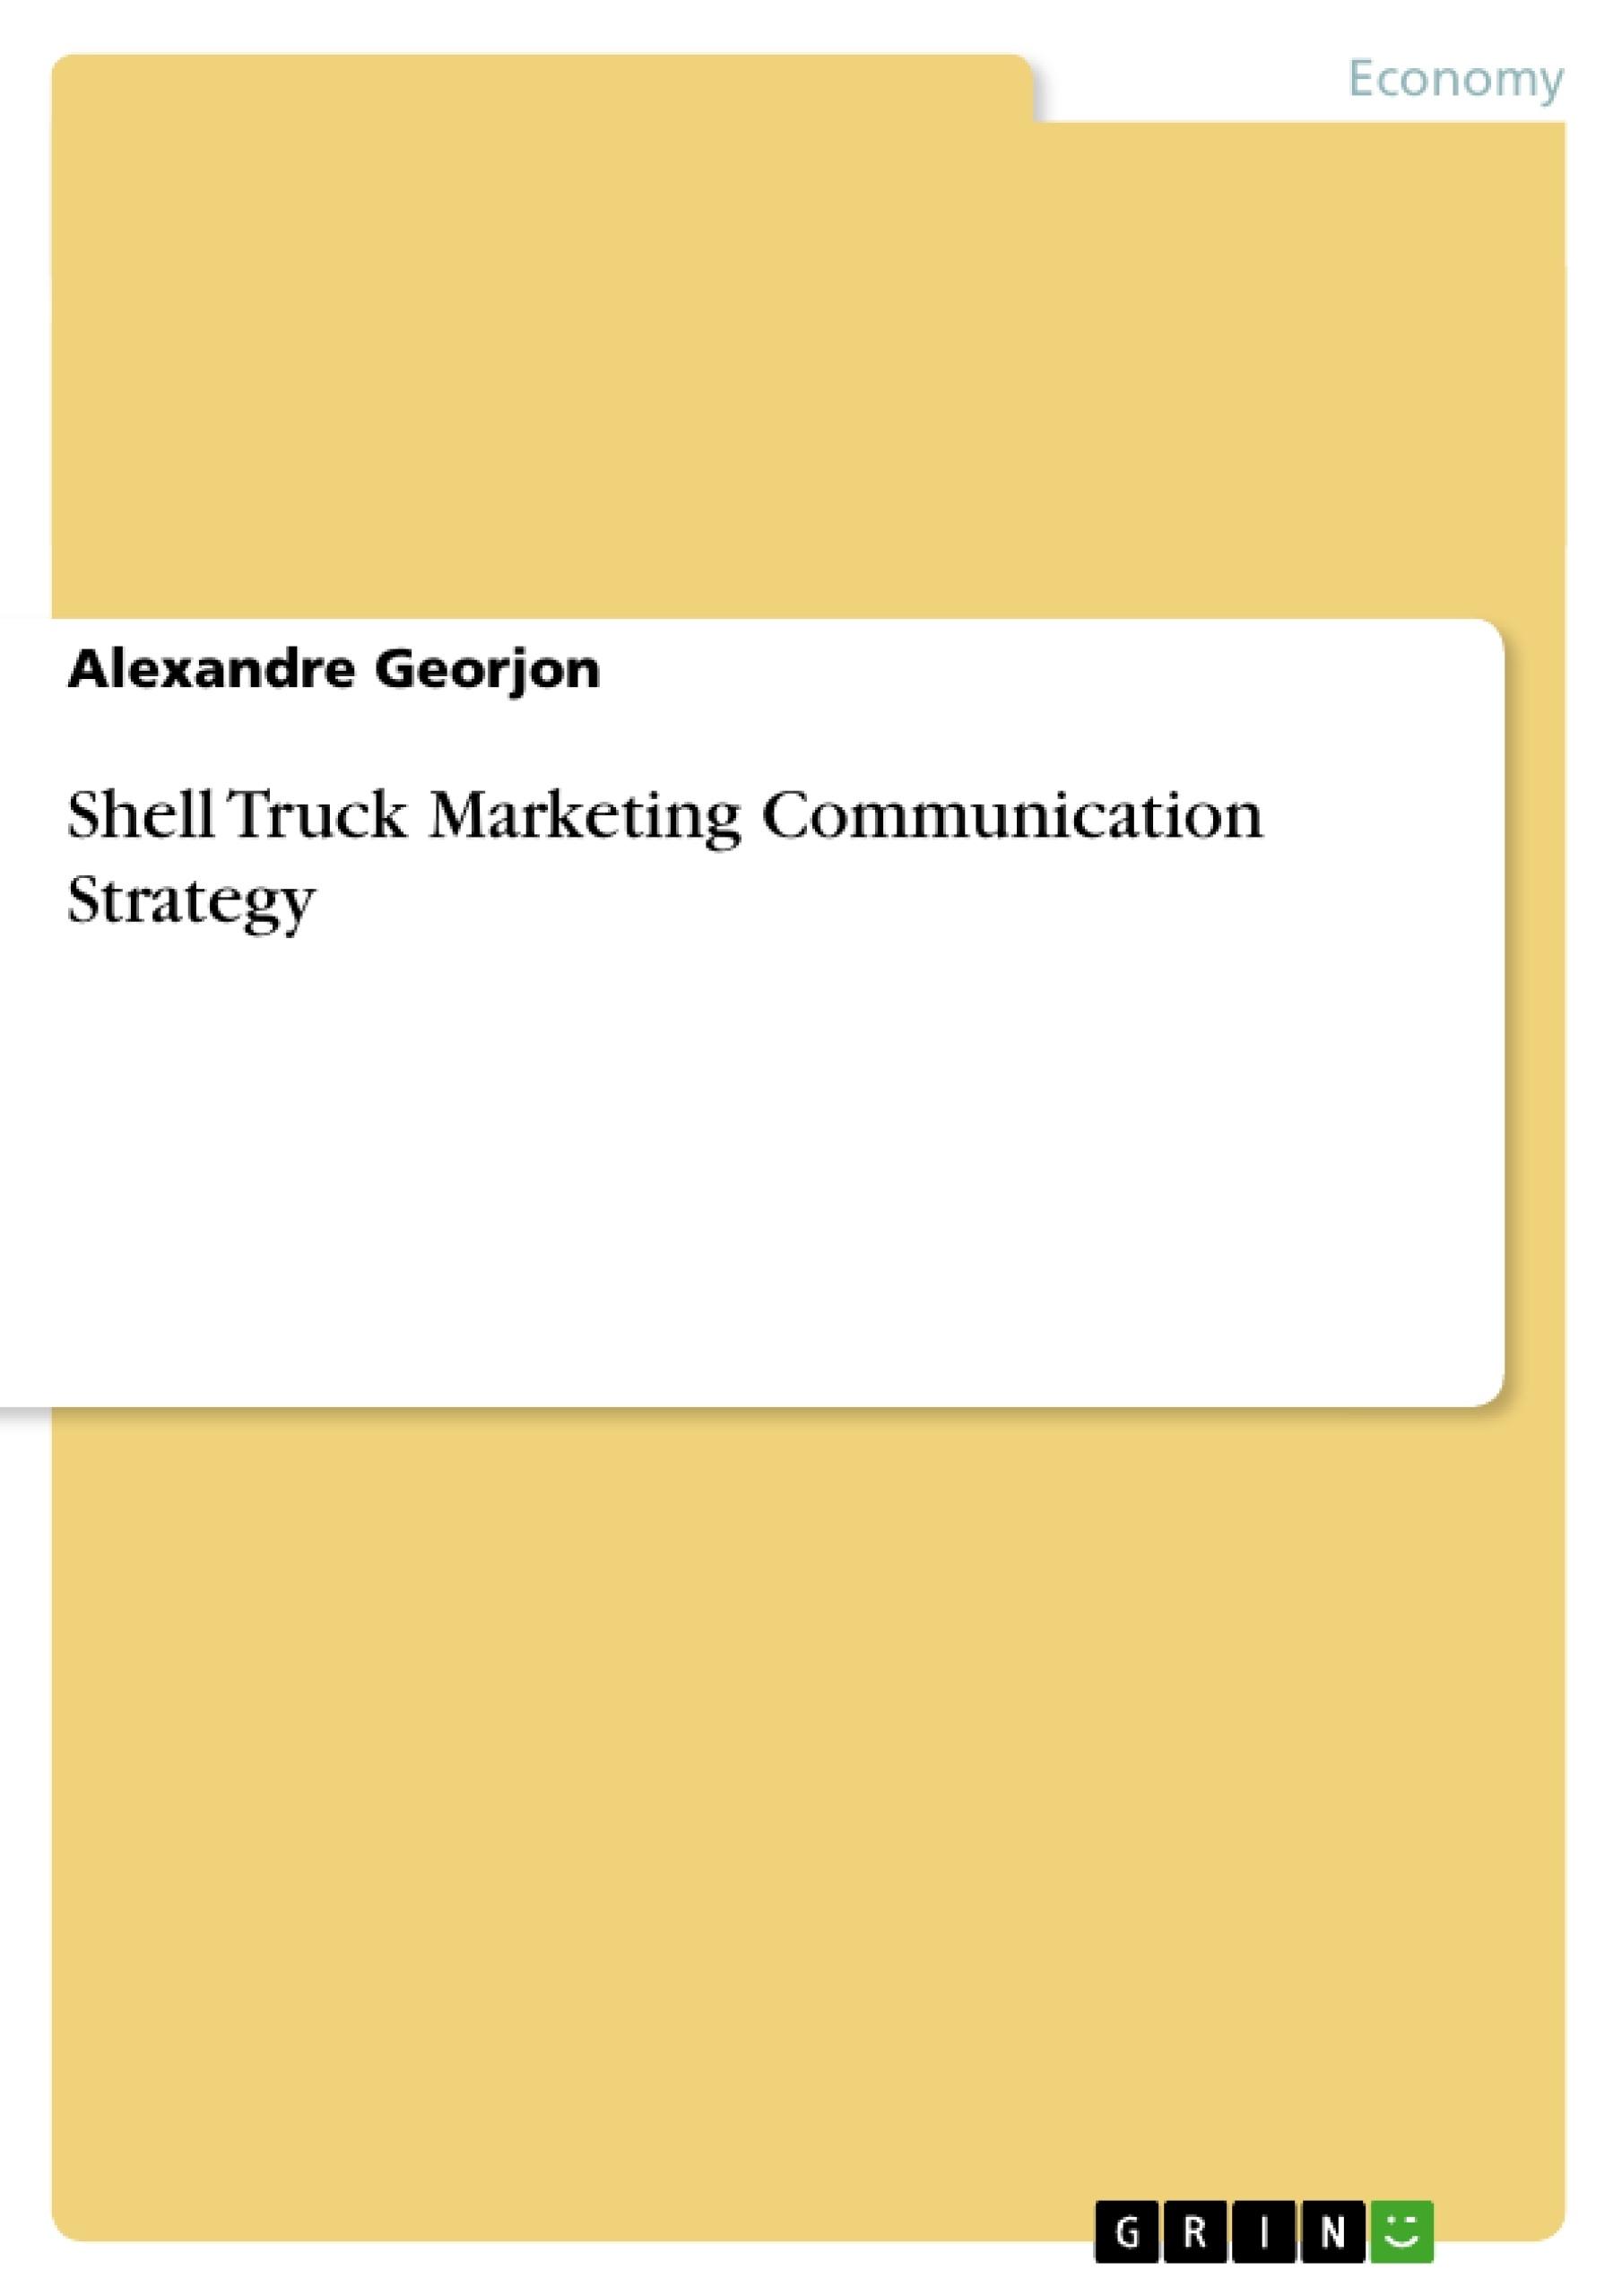 Title: Shell Truck Marketing Communication Strategy